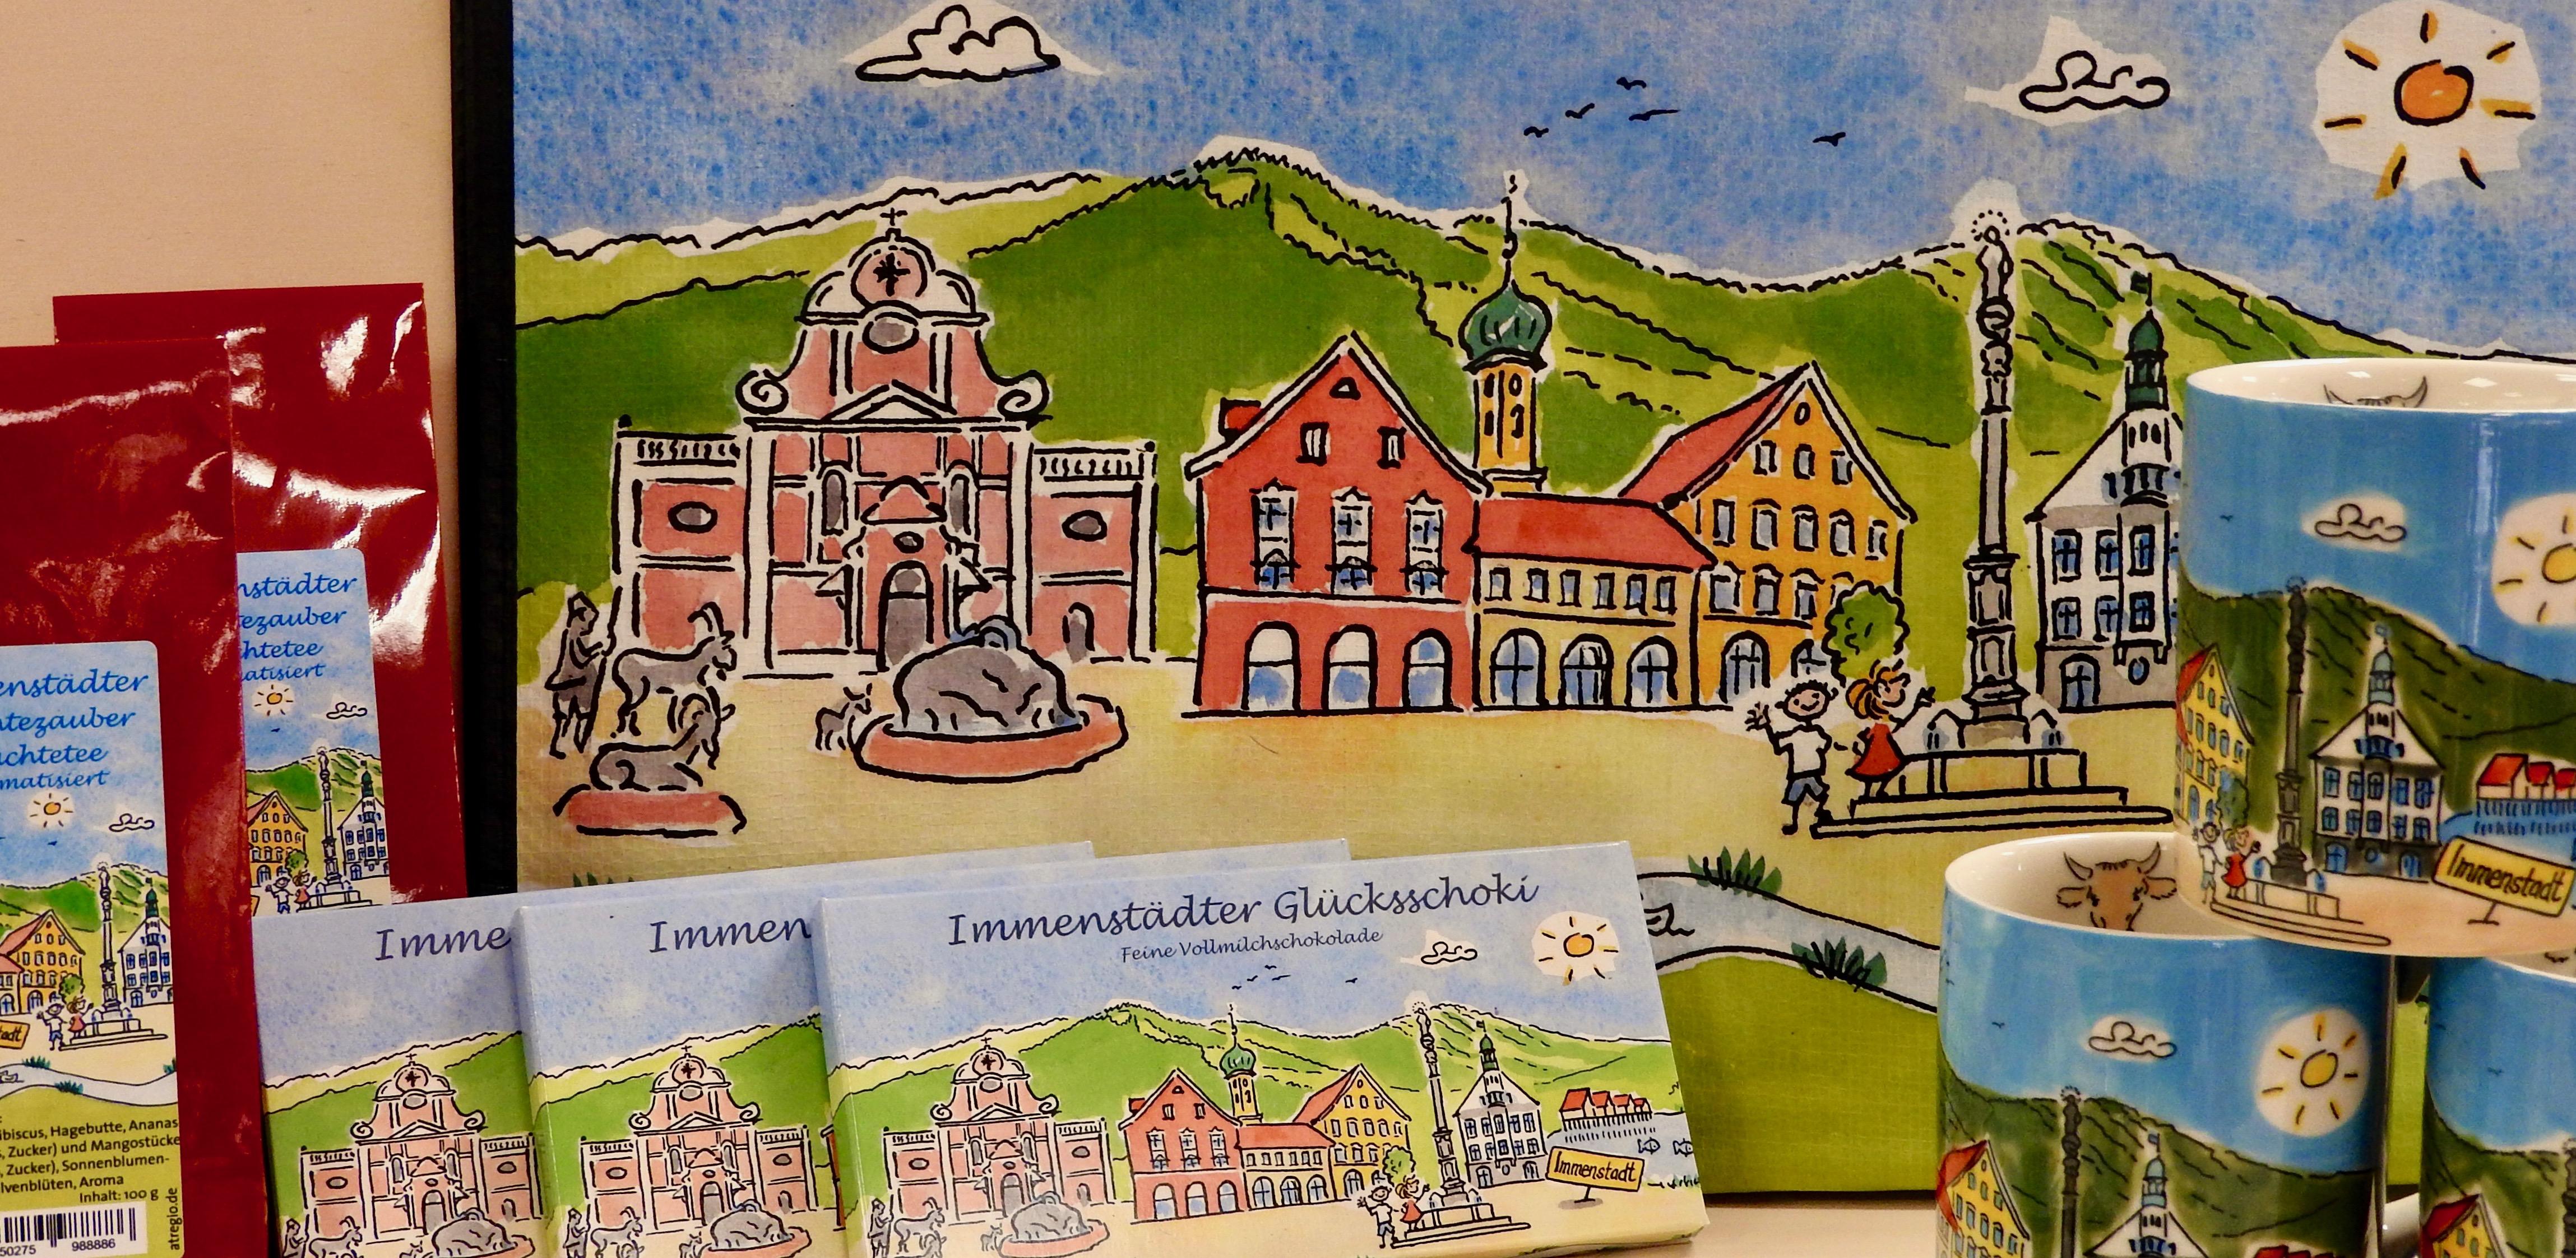 Immenstadt Souvenirs im Flaschengeist